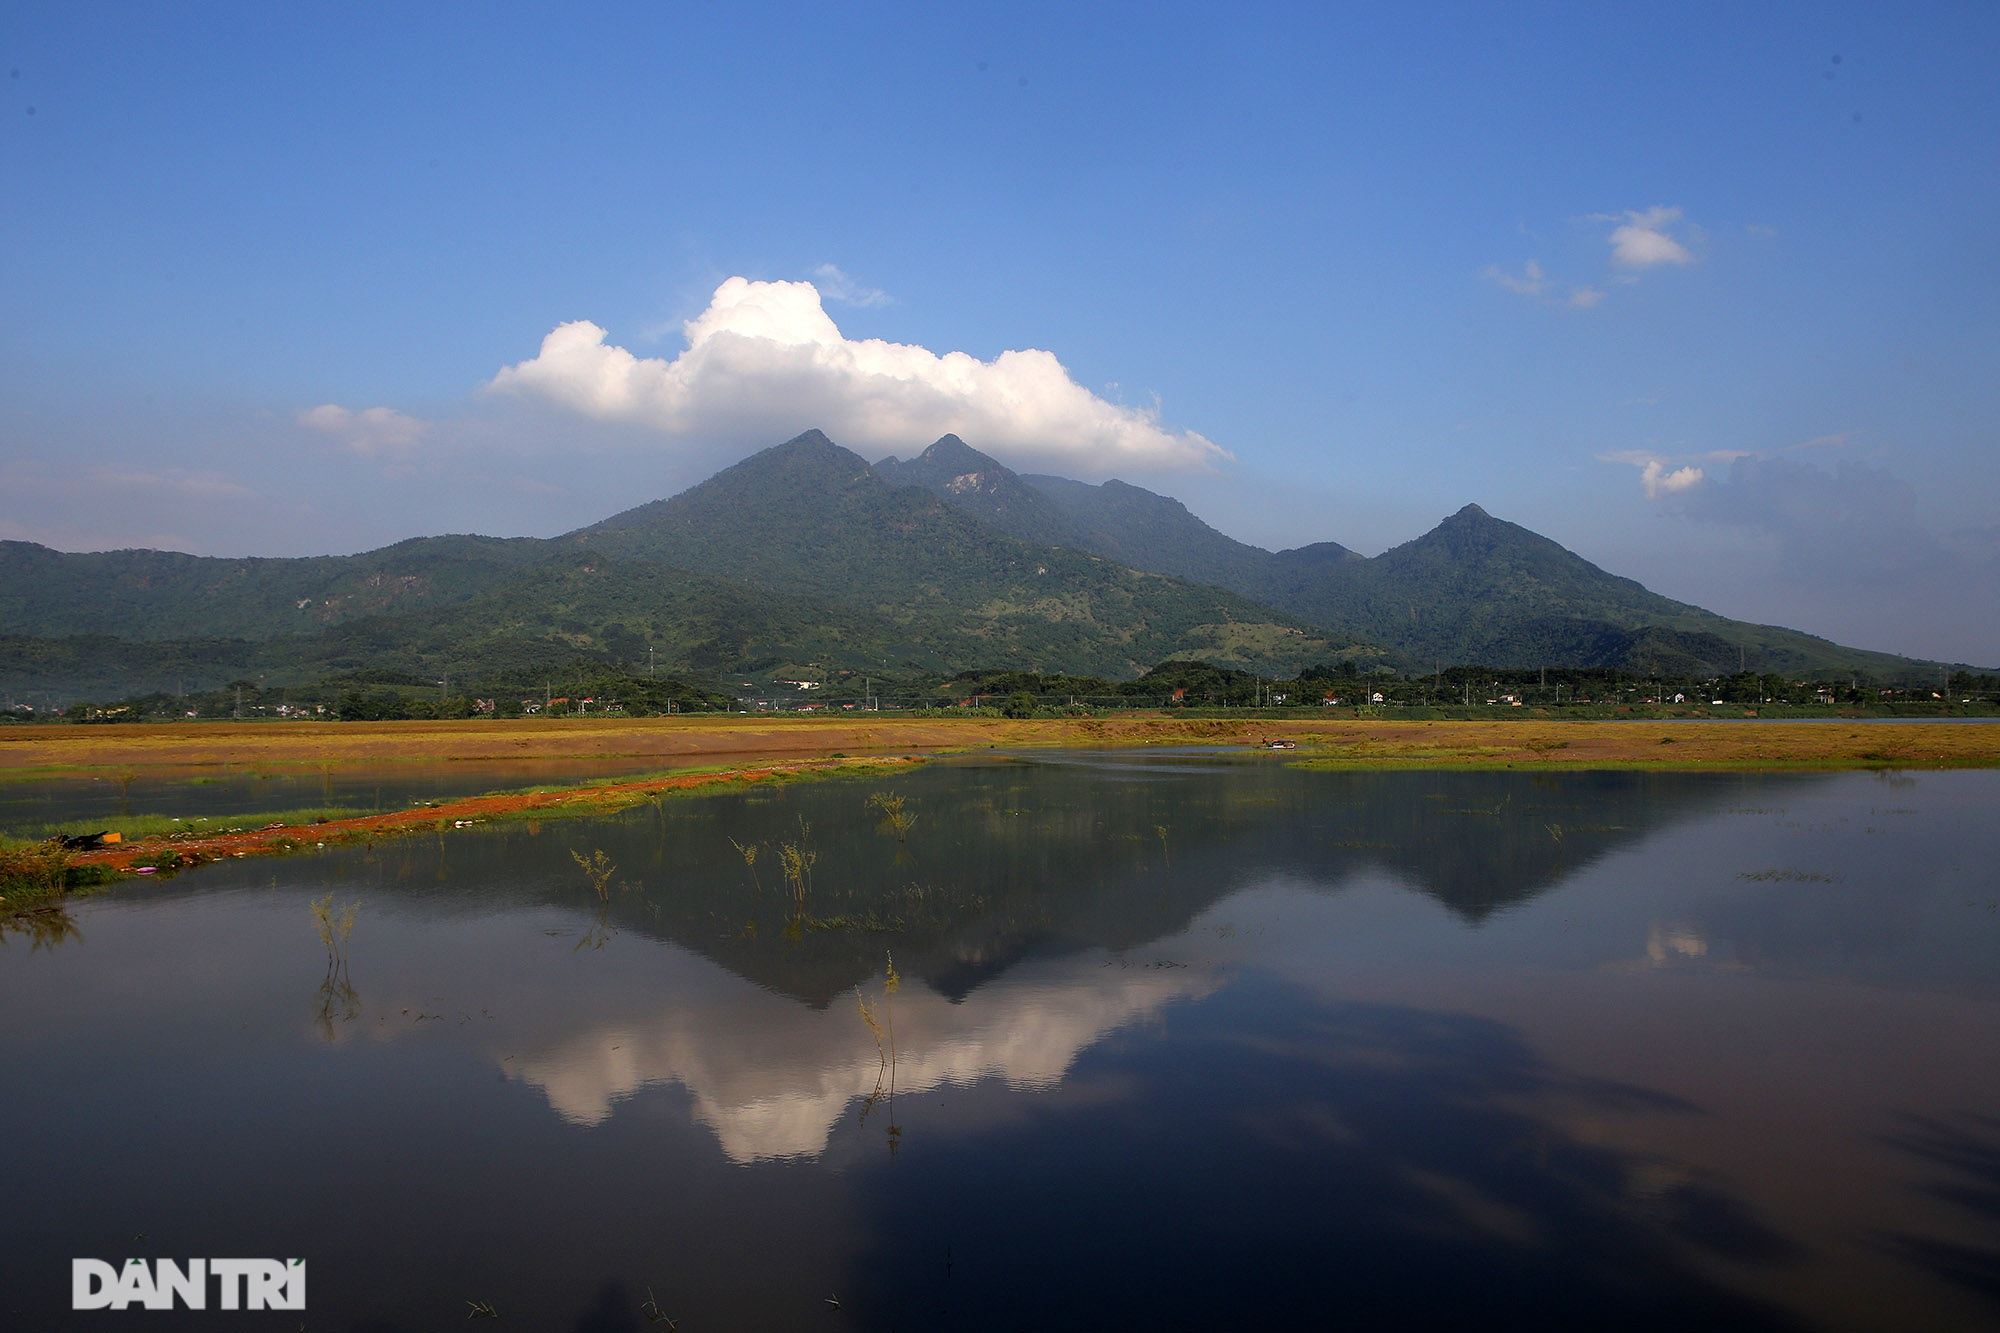 Núi thiêng gần Hà Nội đẹp mê mải nhìn từ muôn phương tám hướng - 11